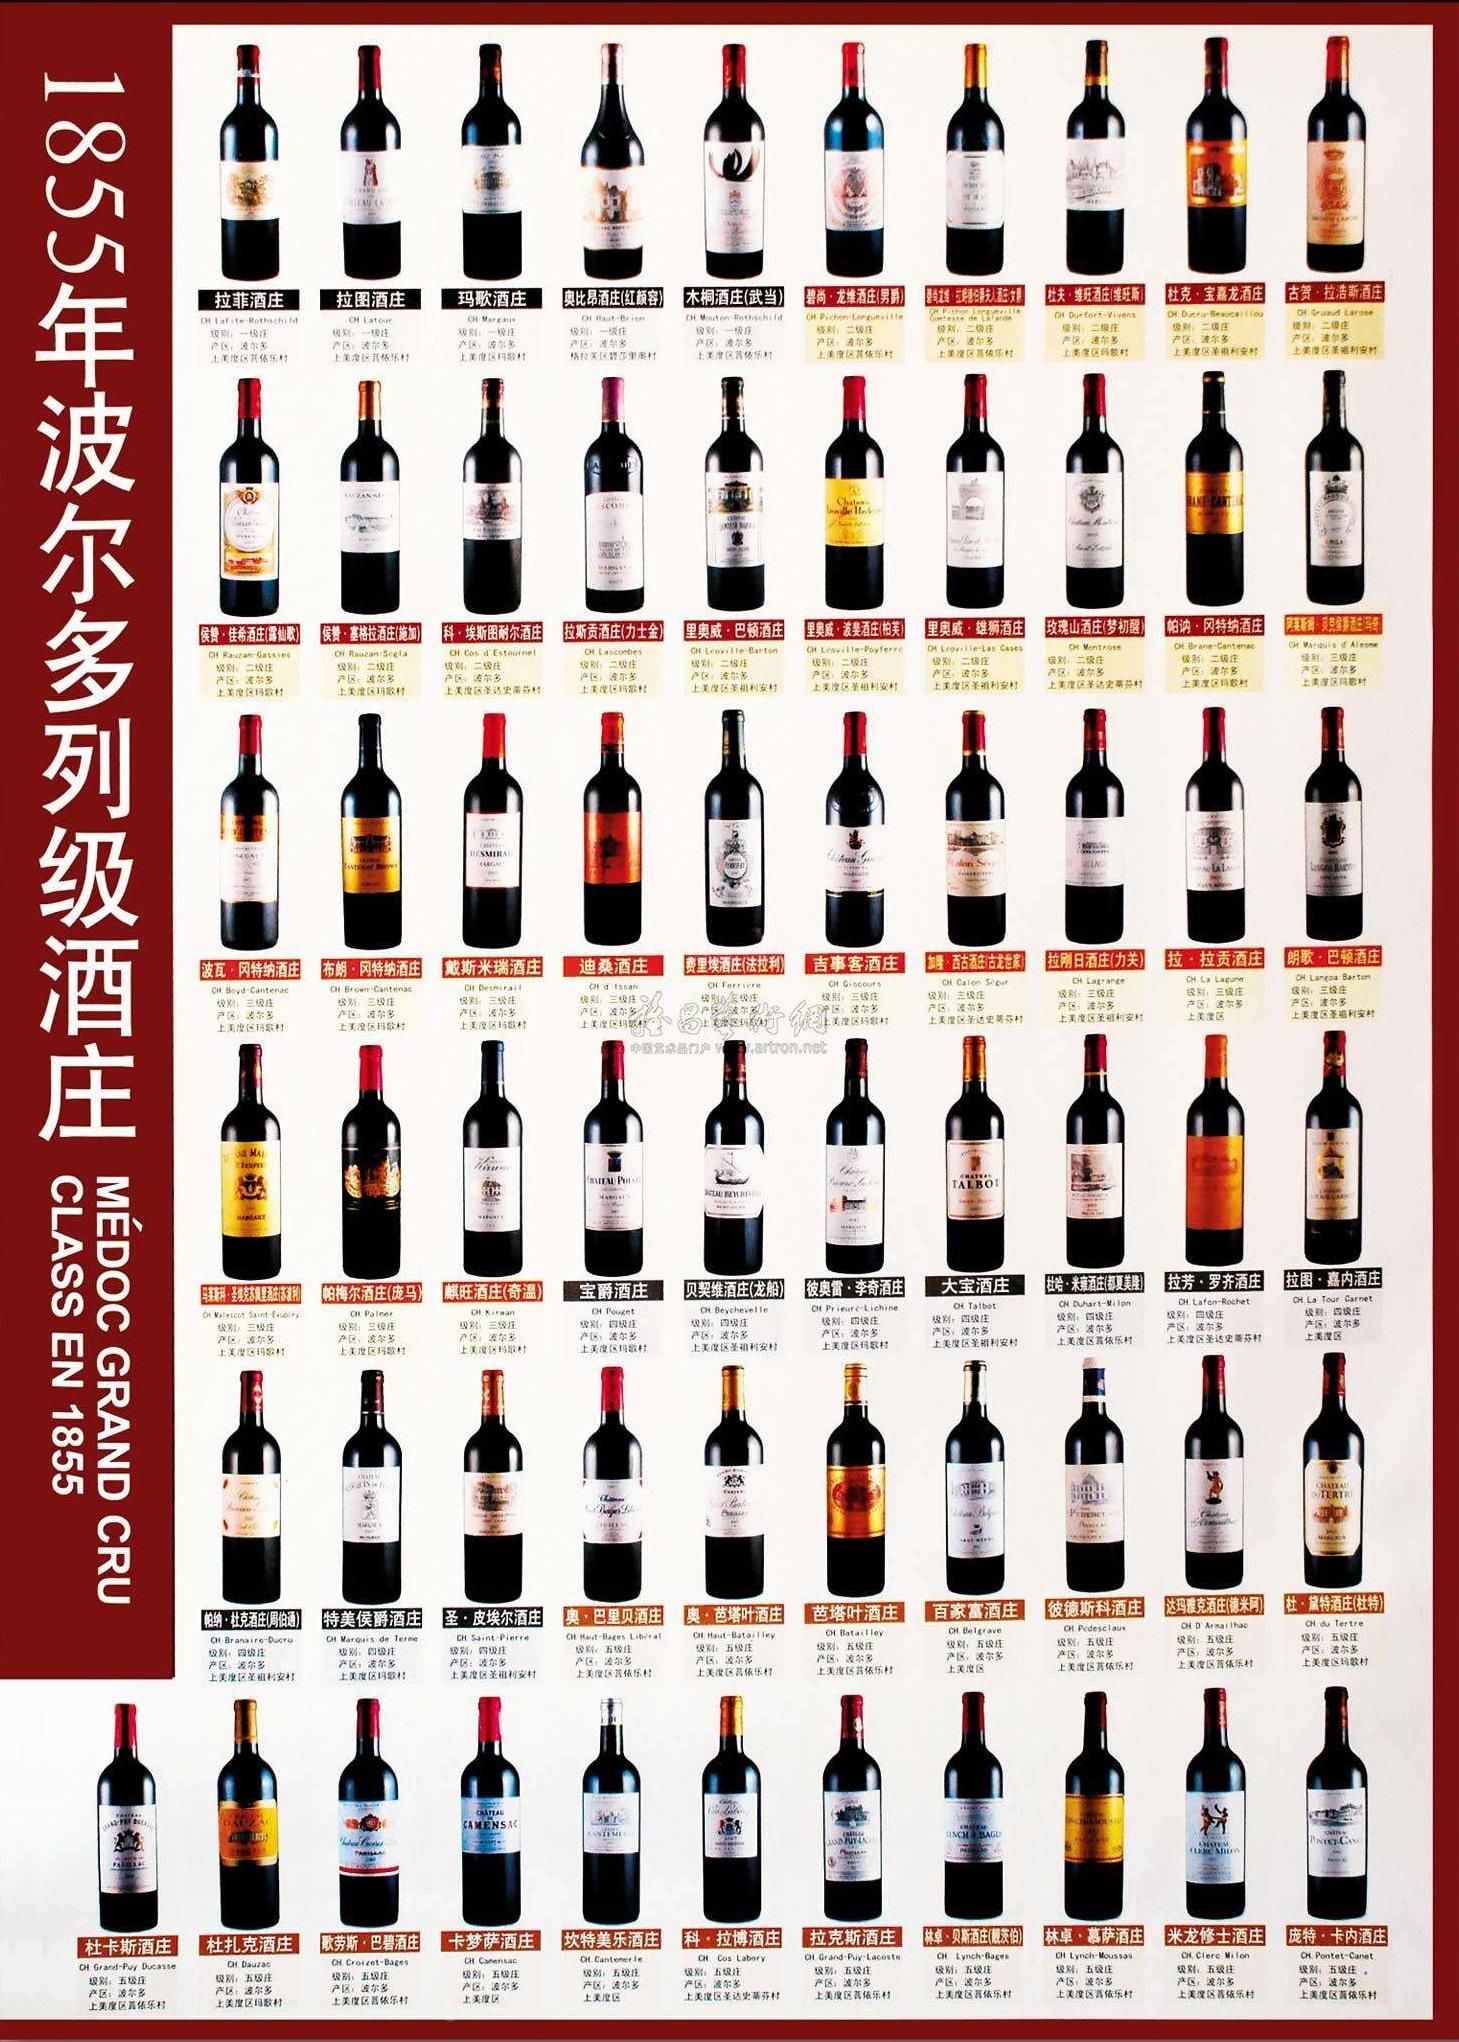 法国葡萄酒酒庄分级_嘬下一口葡萄酒时,你在期待什么?|DT